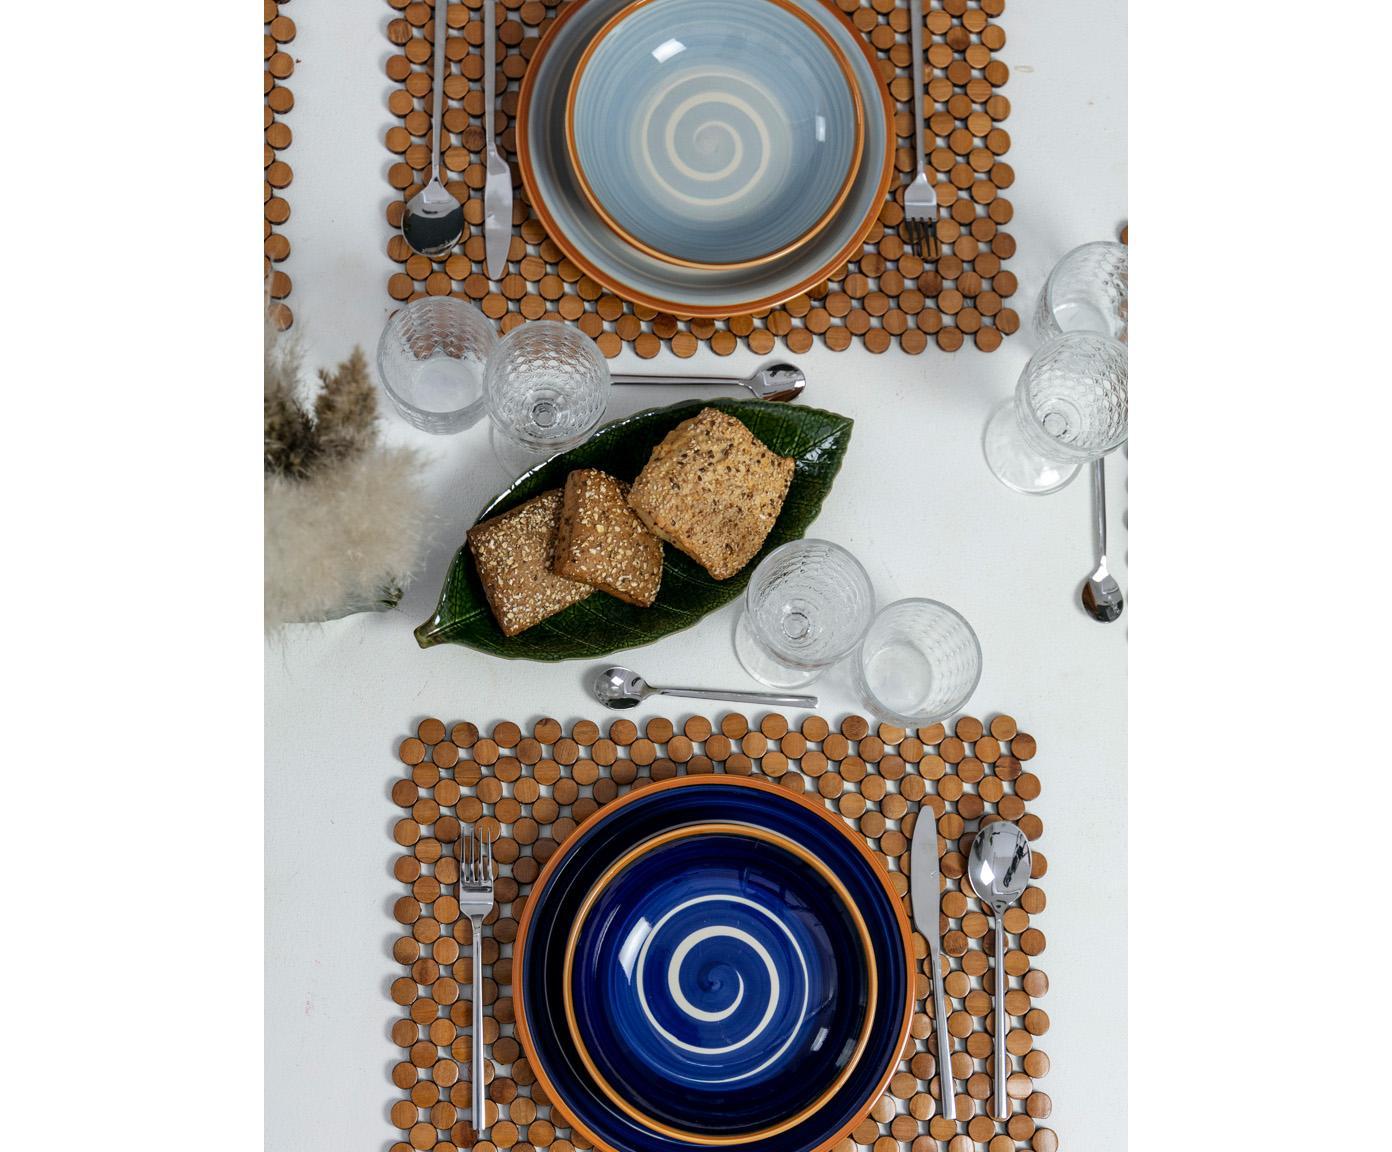 Komplet naczyń Formentera, 18 elem., Kamionka, Wielobarwny, Różne rozmiary